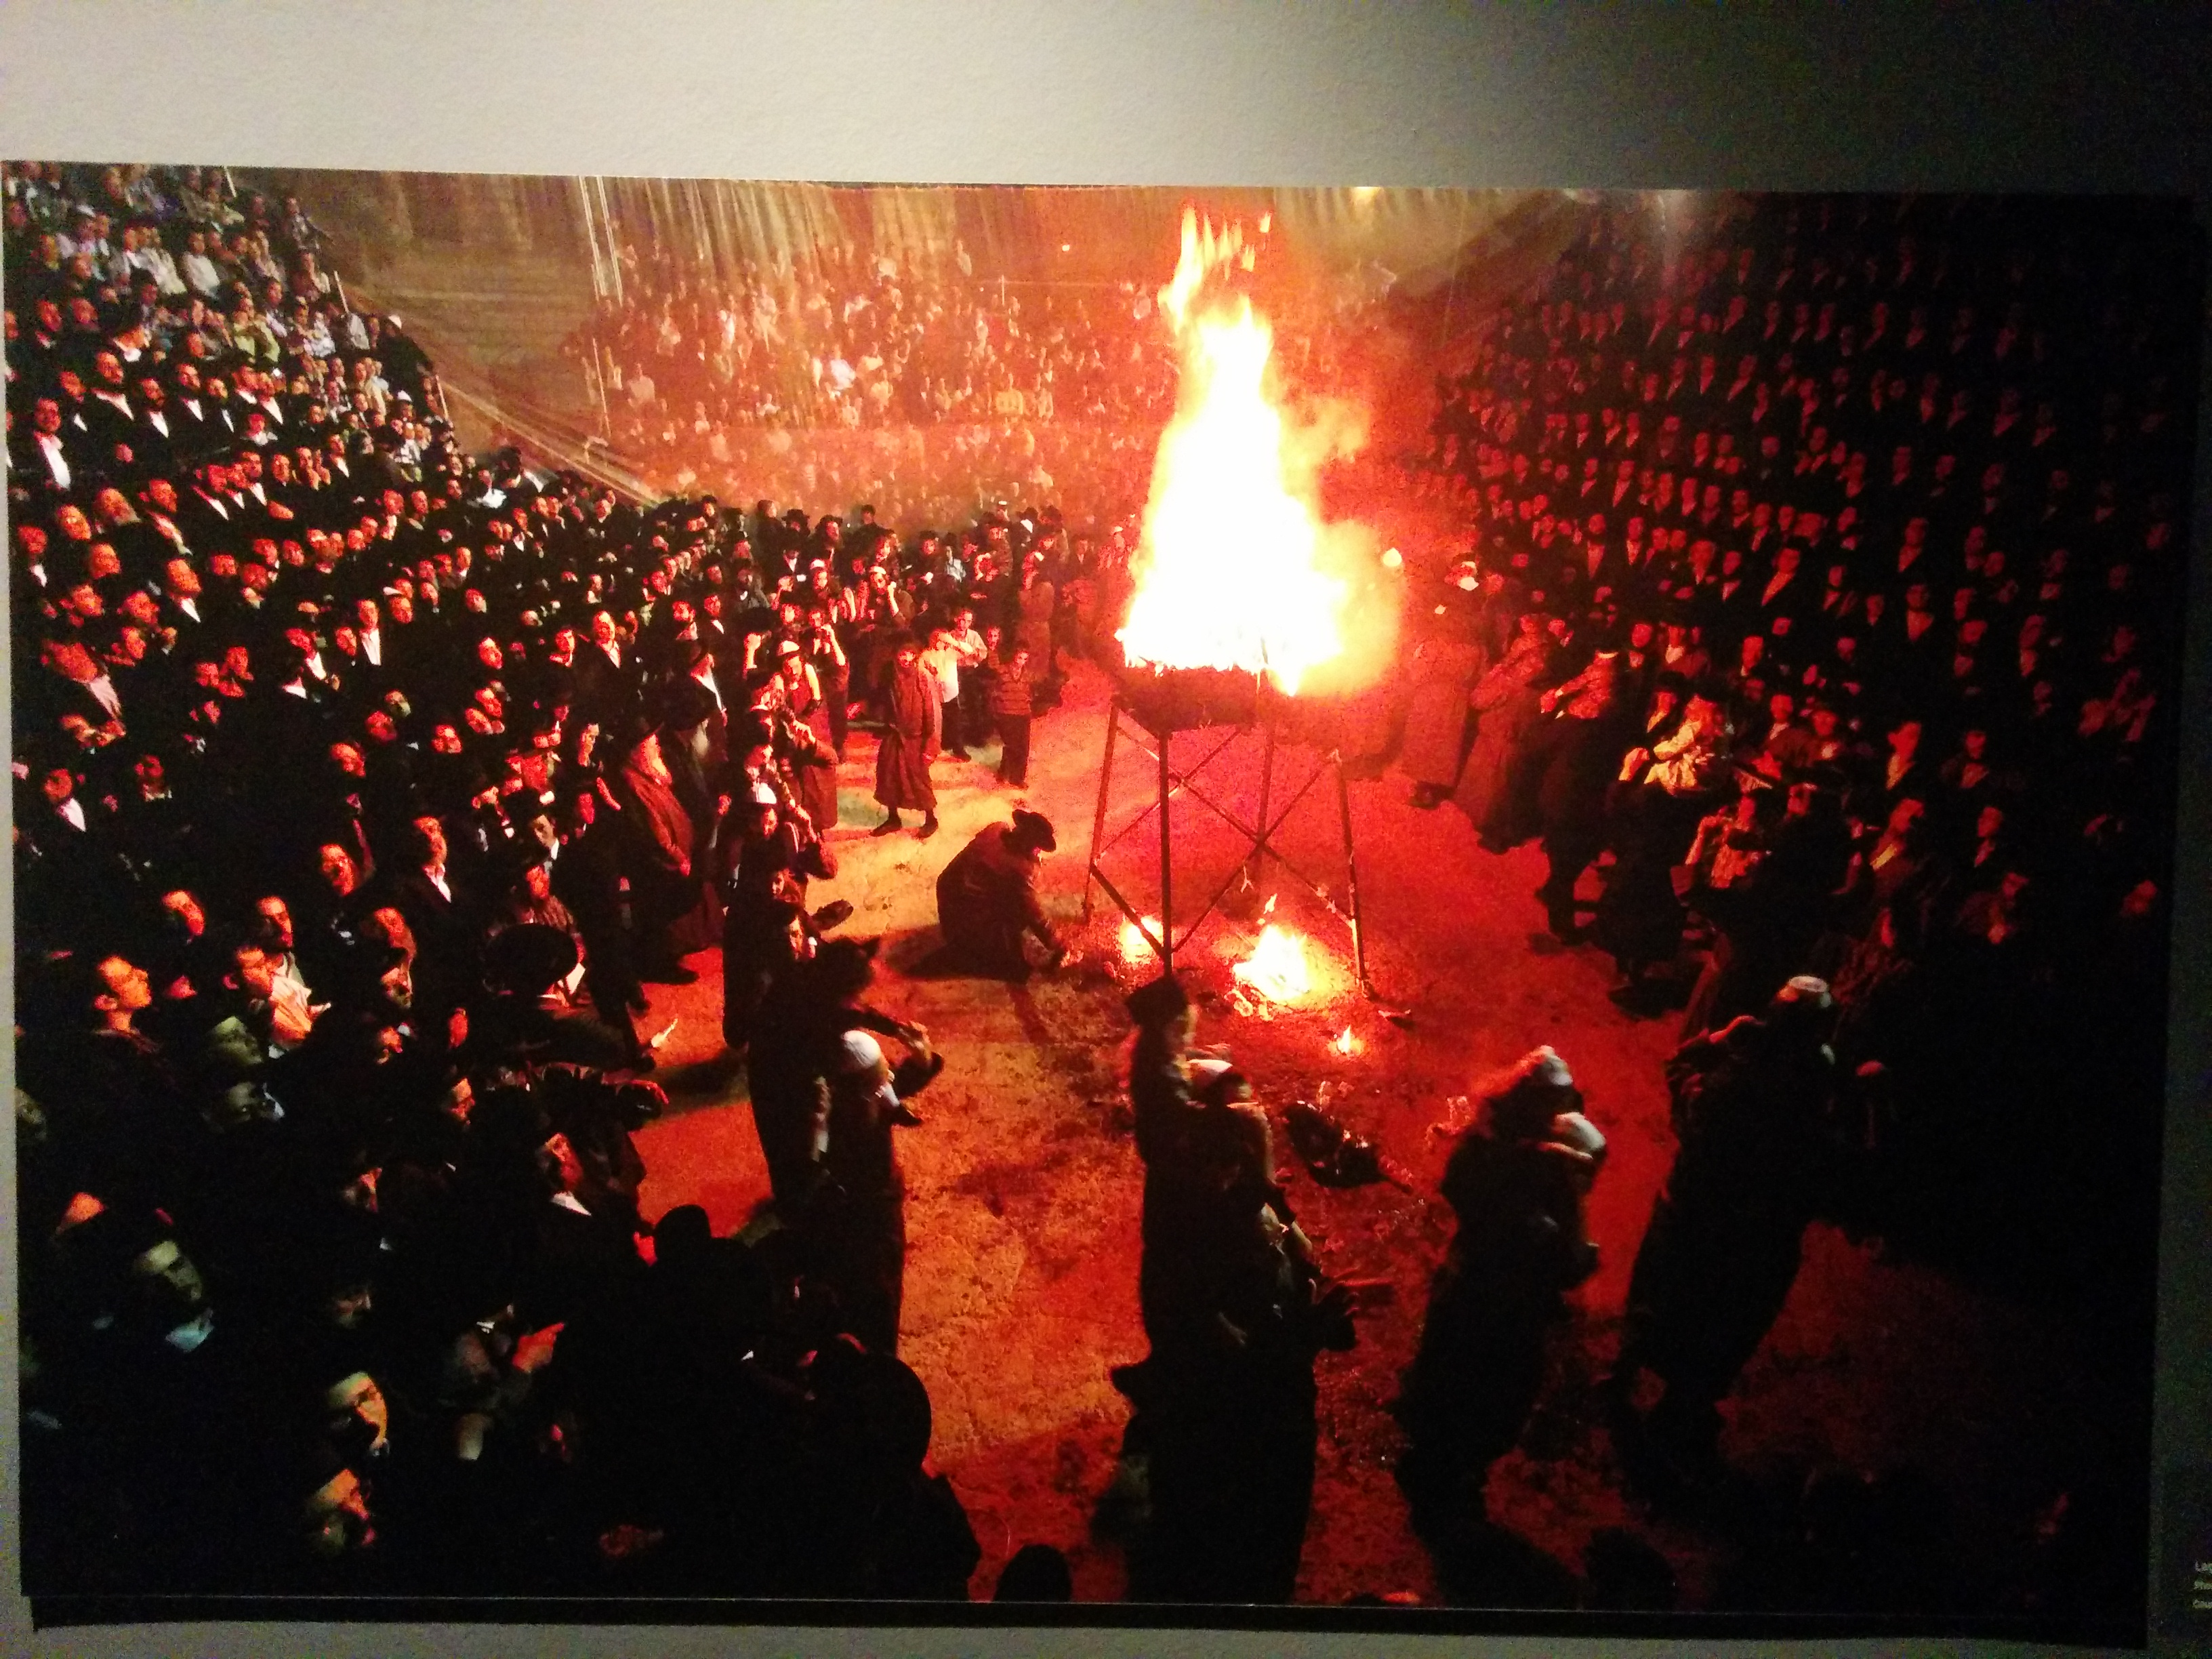 Lag B'Omer bon fires - Shimon Bar Kokhba - Eretz Israel Museum